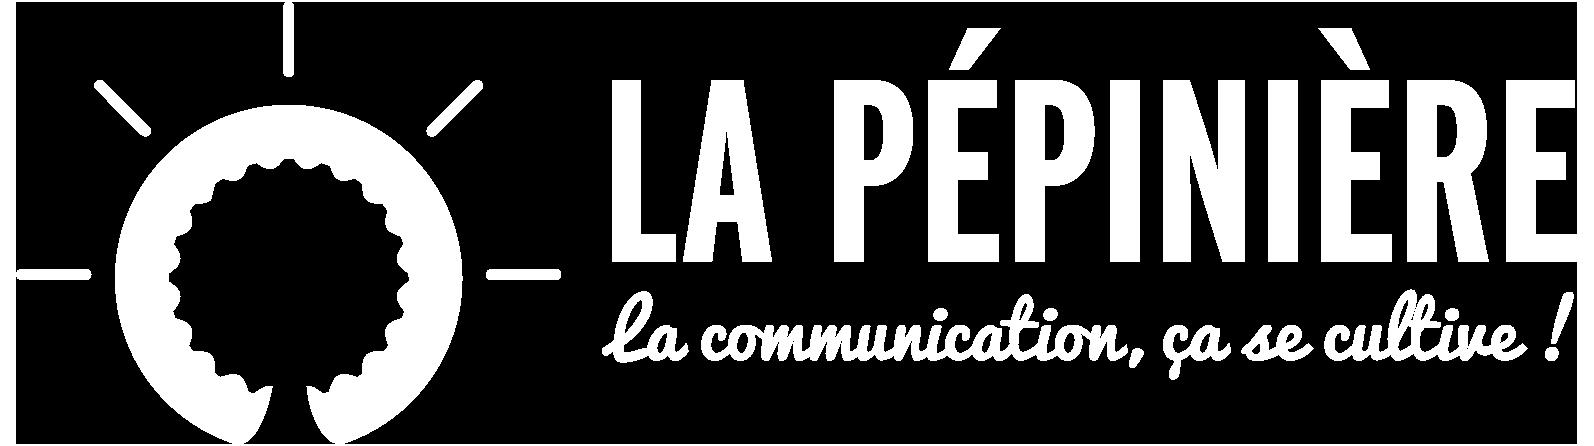 Logo la Pépinière agence communication Merville Hauts de France